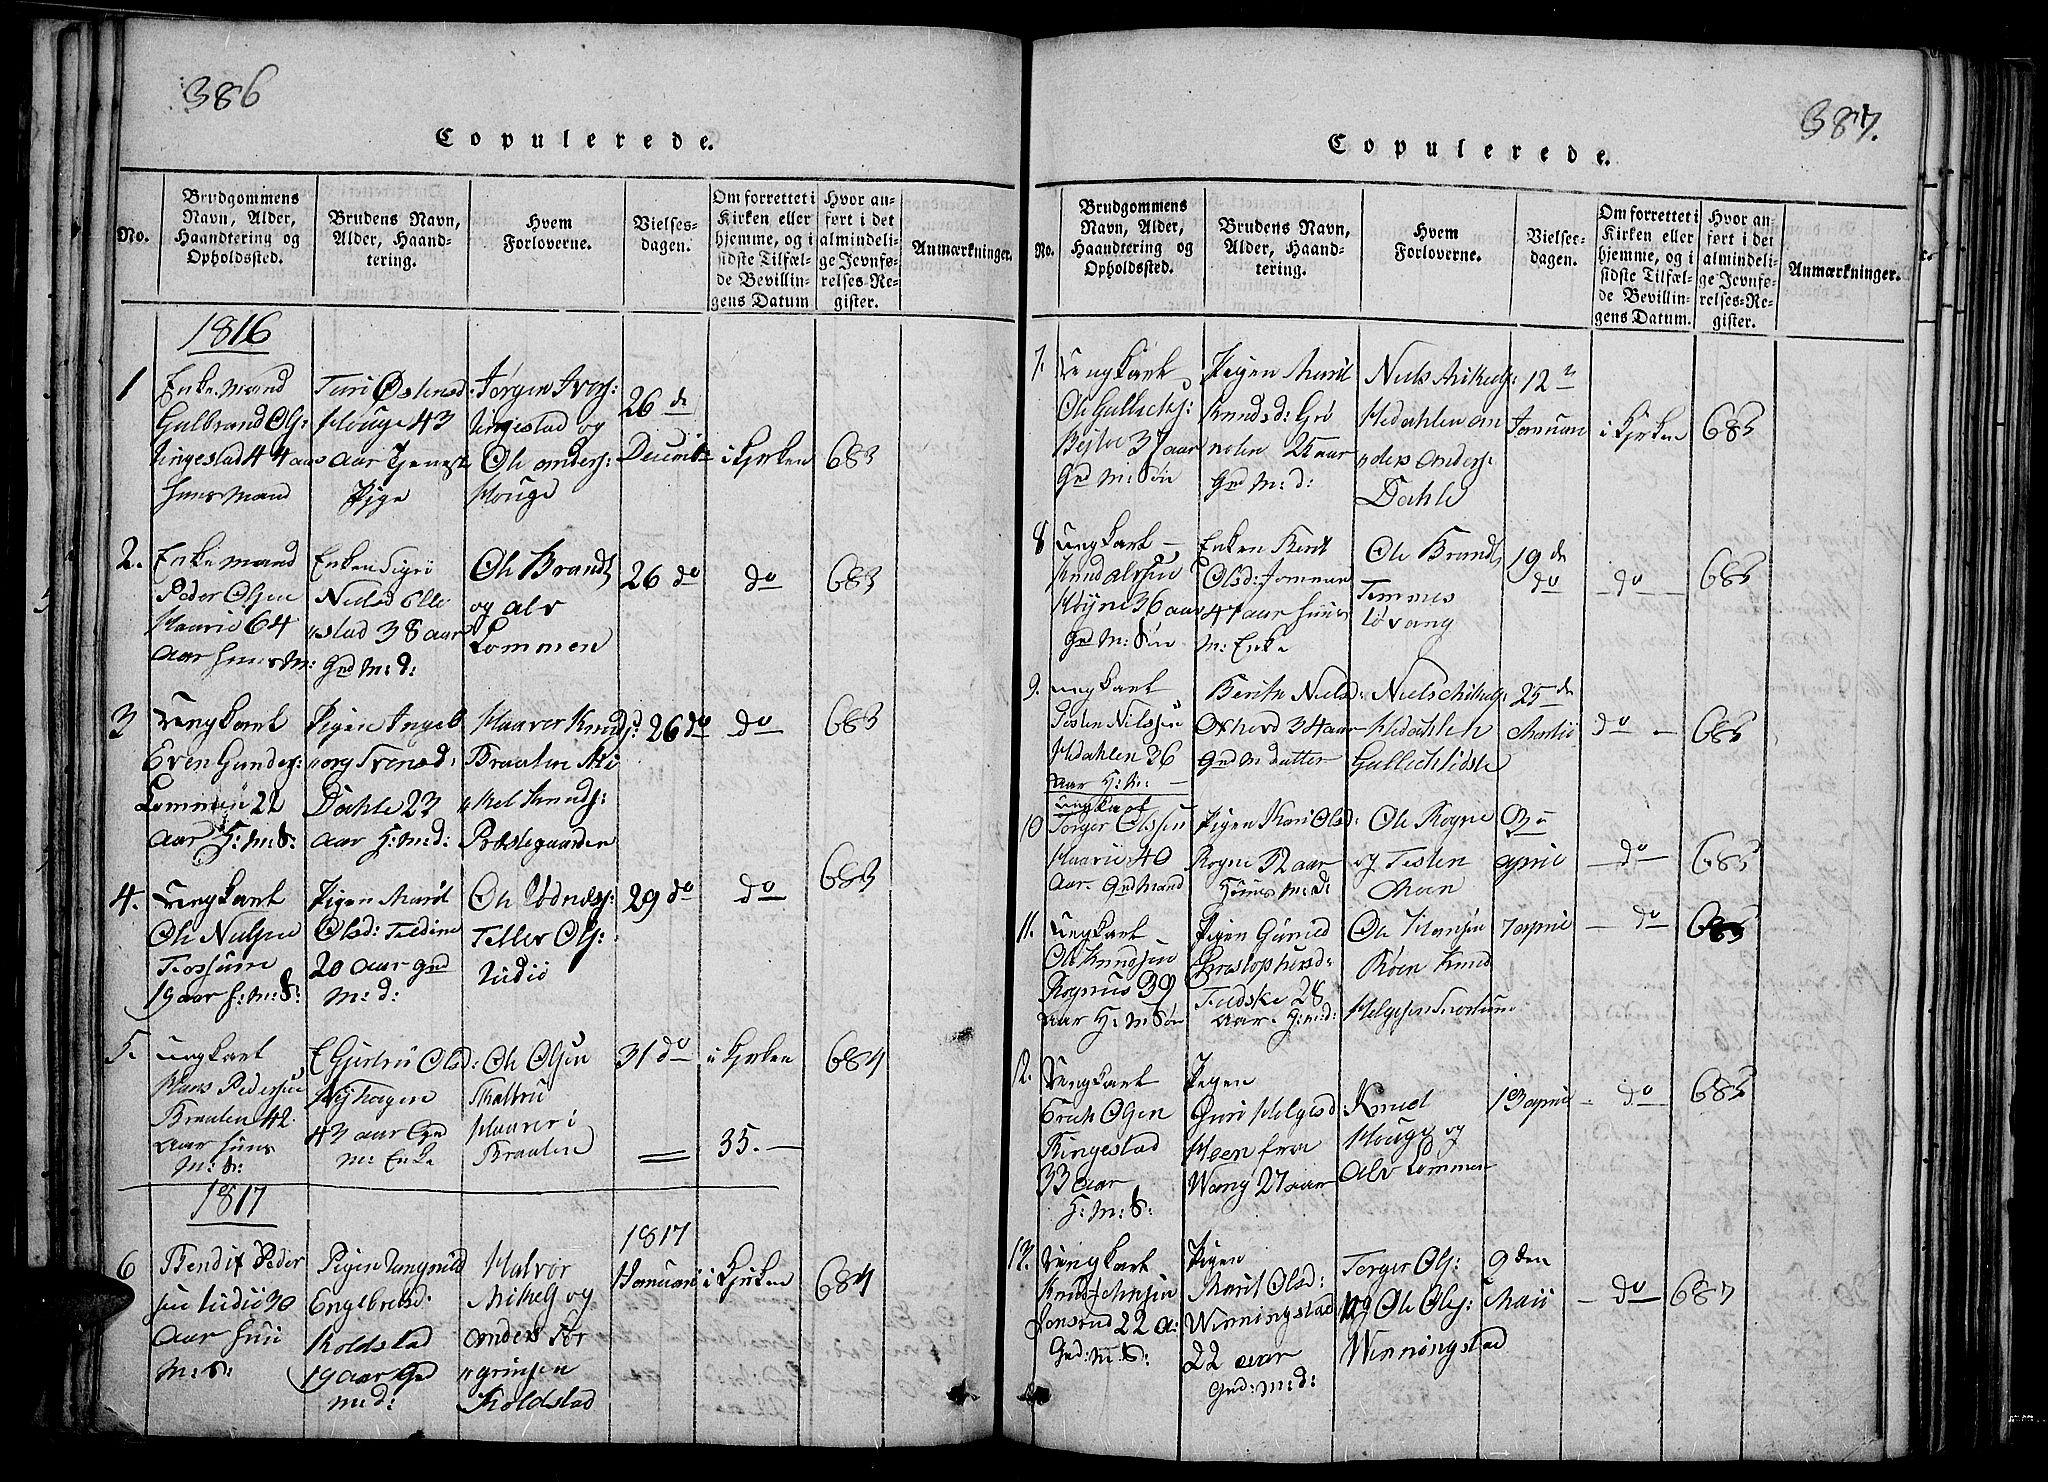 SAH, Slidre prestekontor, Ministerialbok nr. 2, 1814-1830, s. 386-387